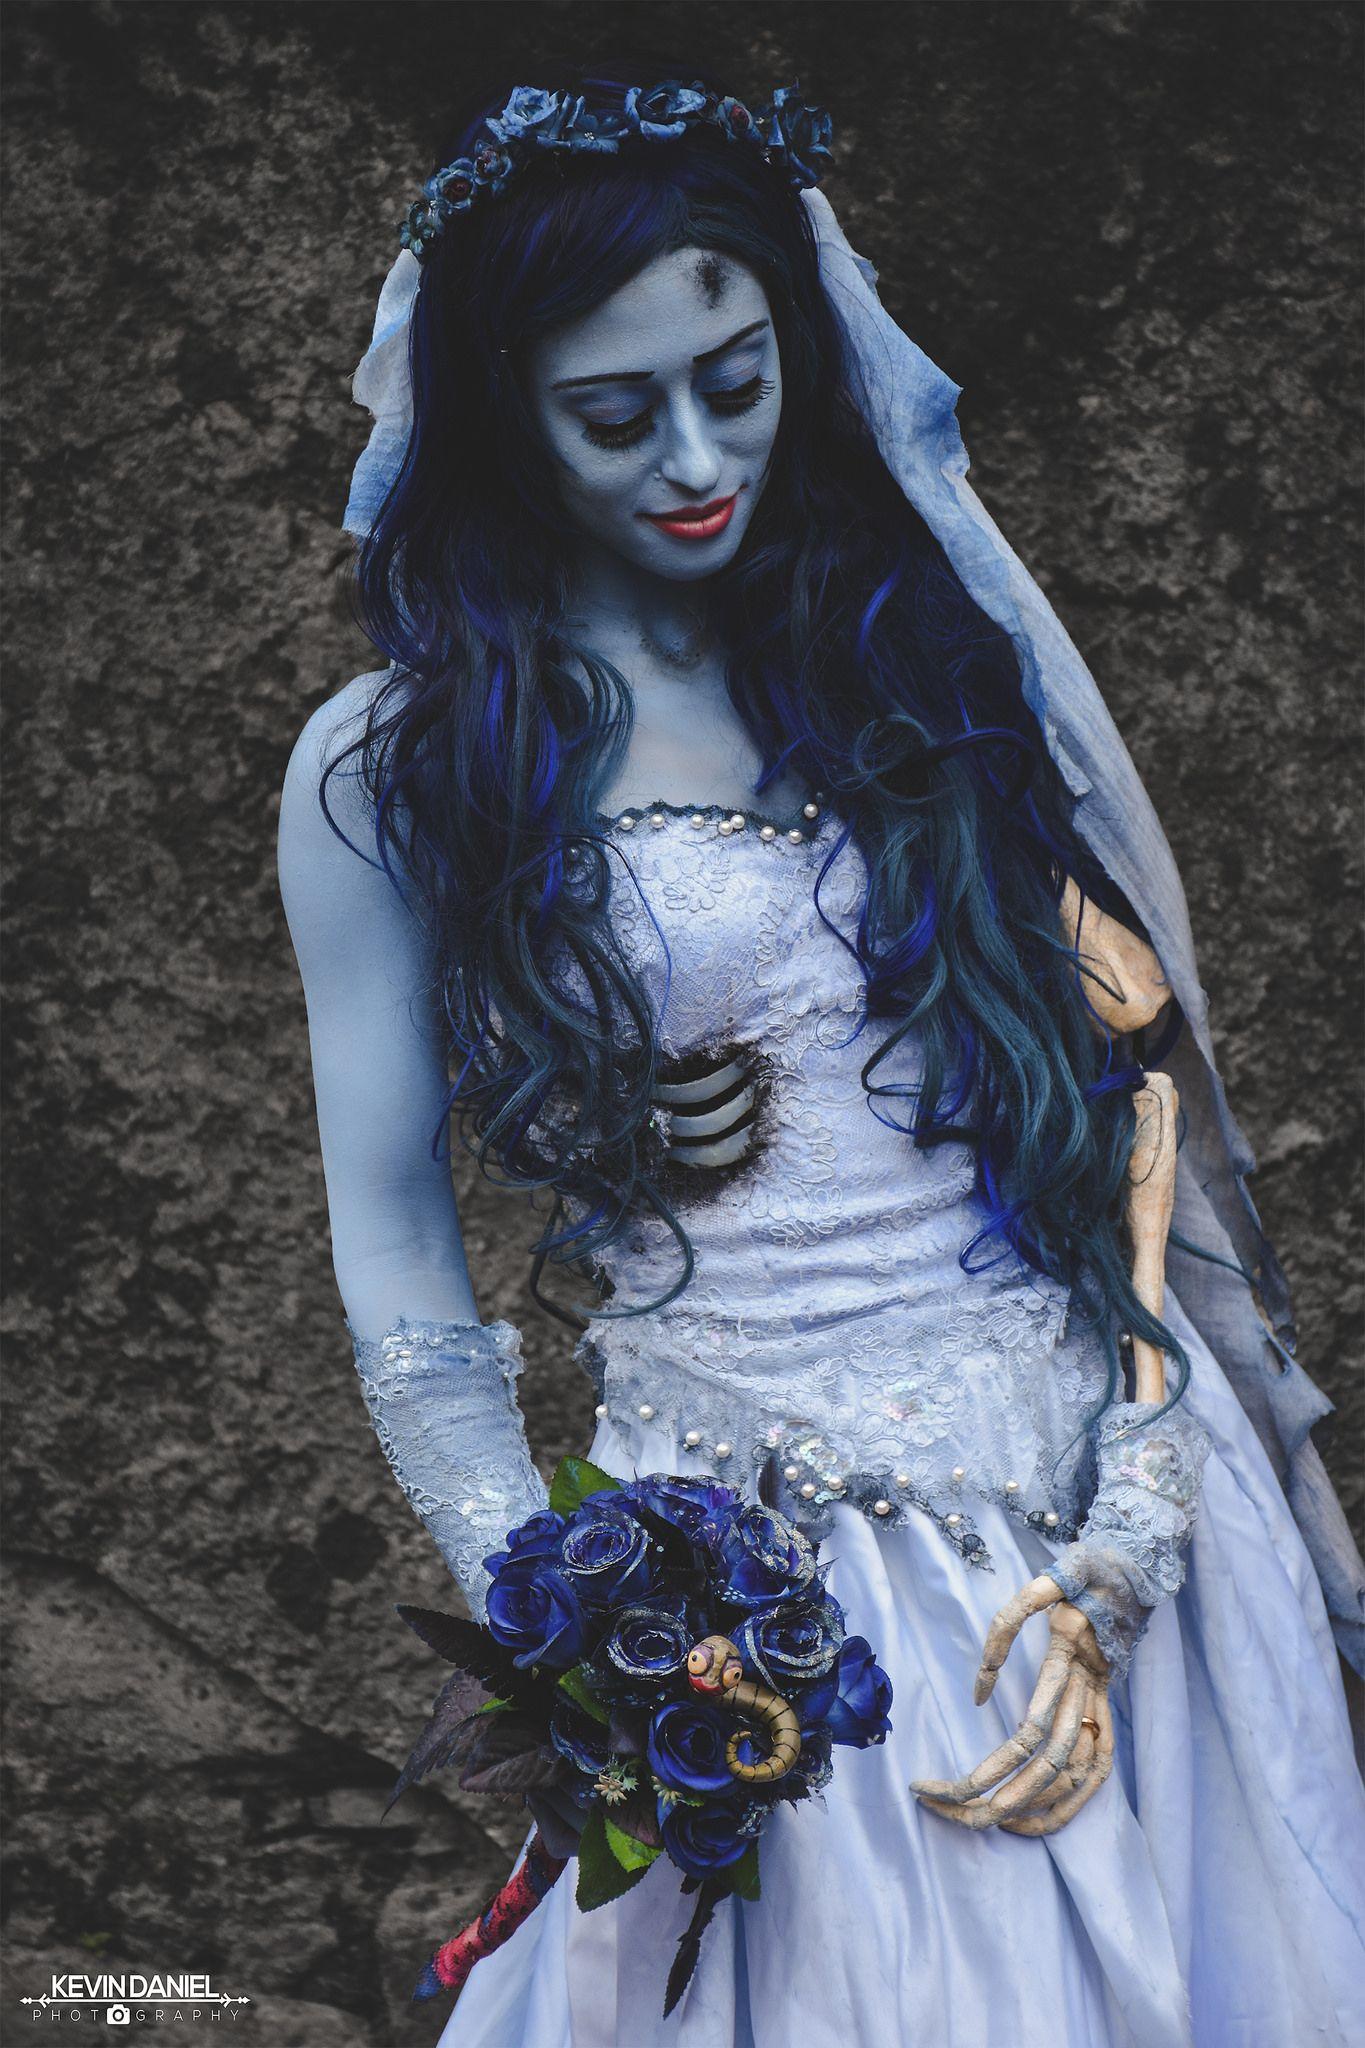 Cosplay   Corpse bride, Cosplay, Bride